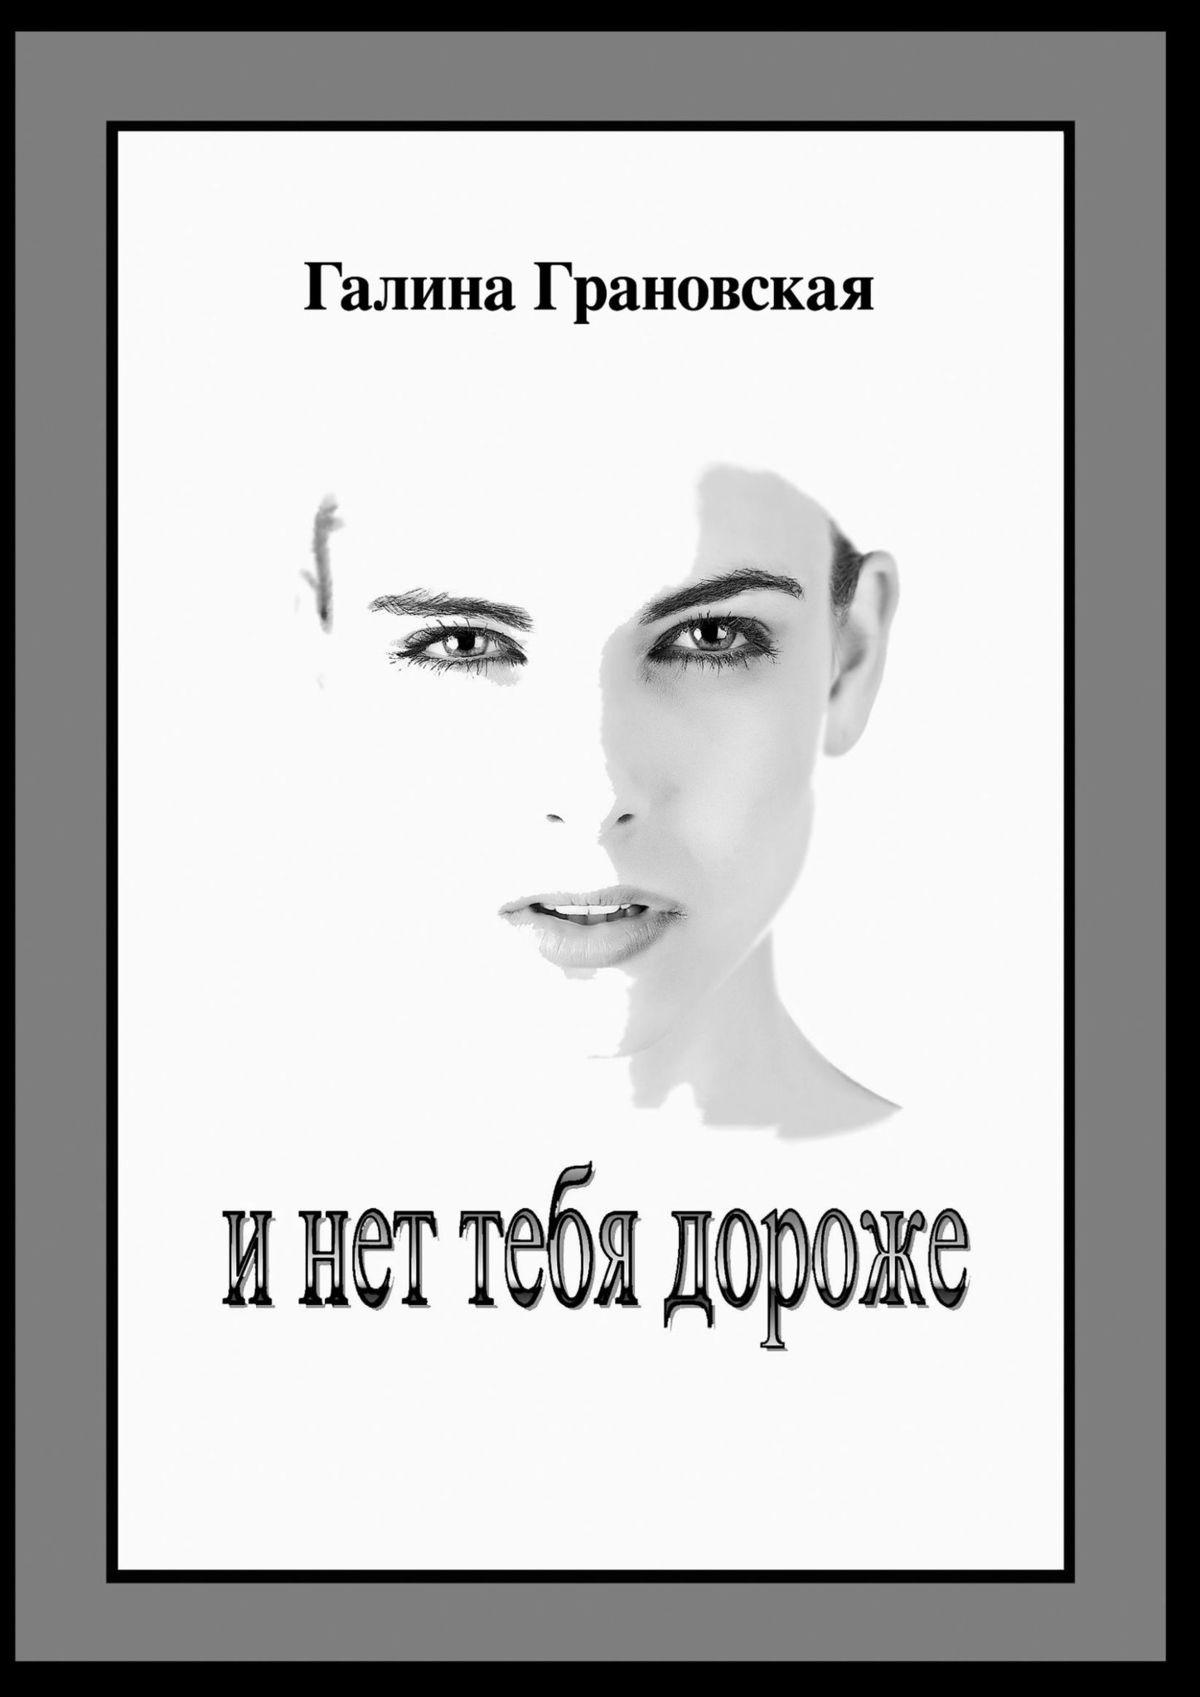 Галина Грановская Инет тебя дороже галина грановская плюшевое